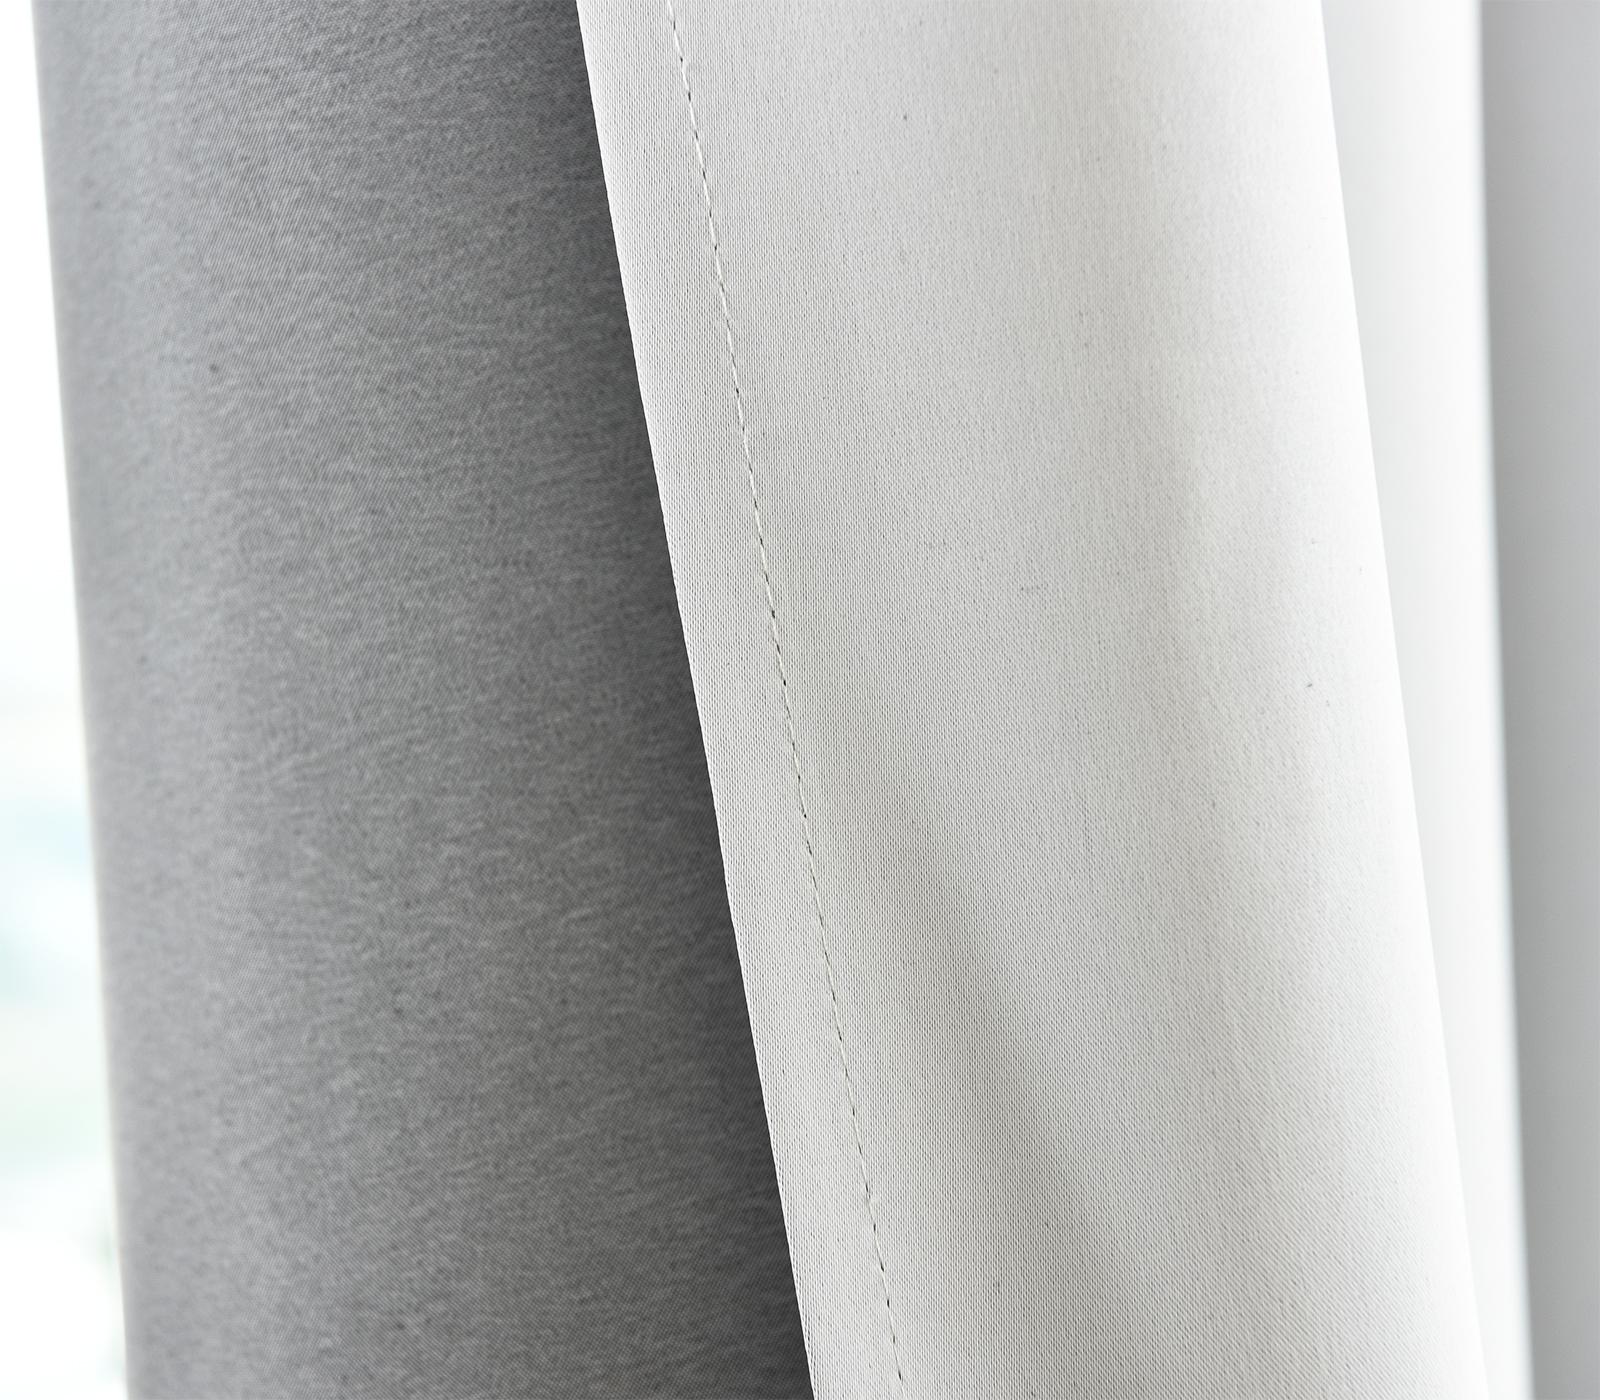 Rideaux rideau opaque œillets légèrement black-out rideaux Mat//Crush #488